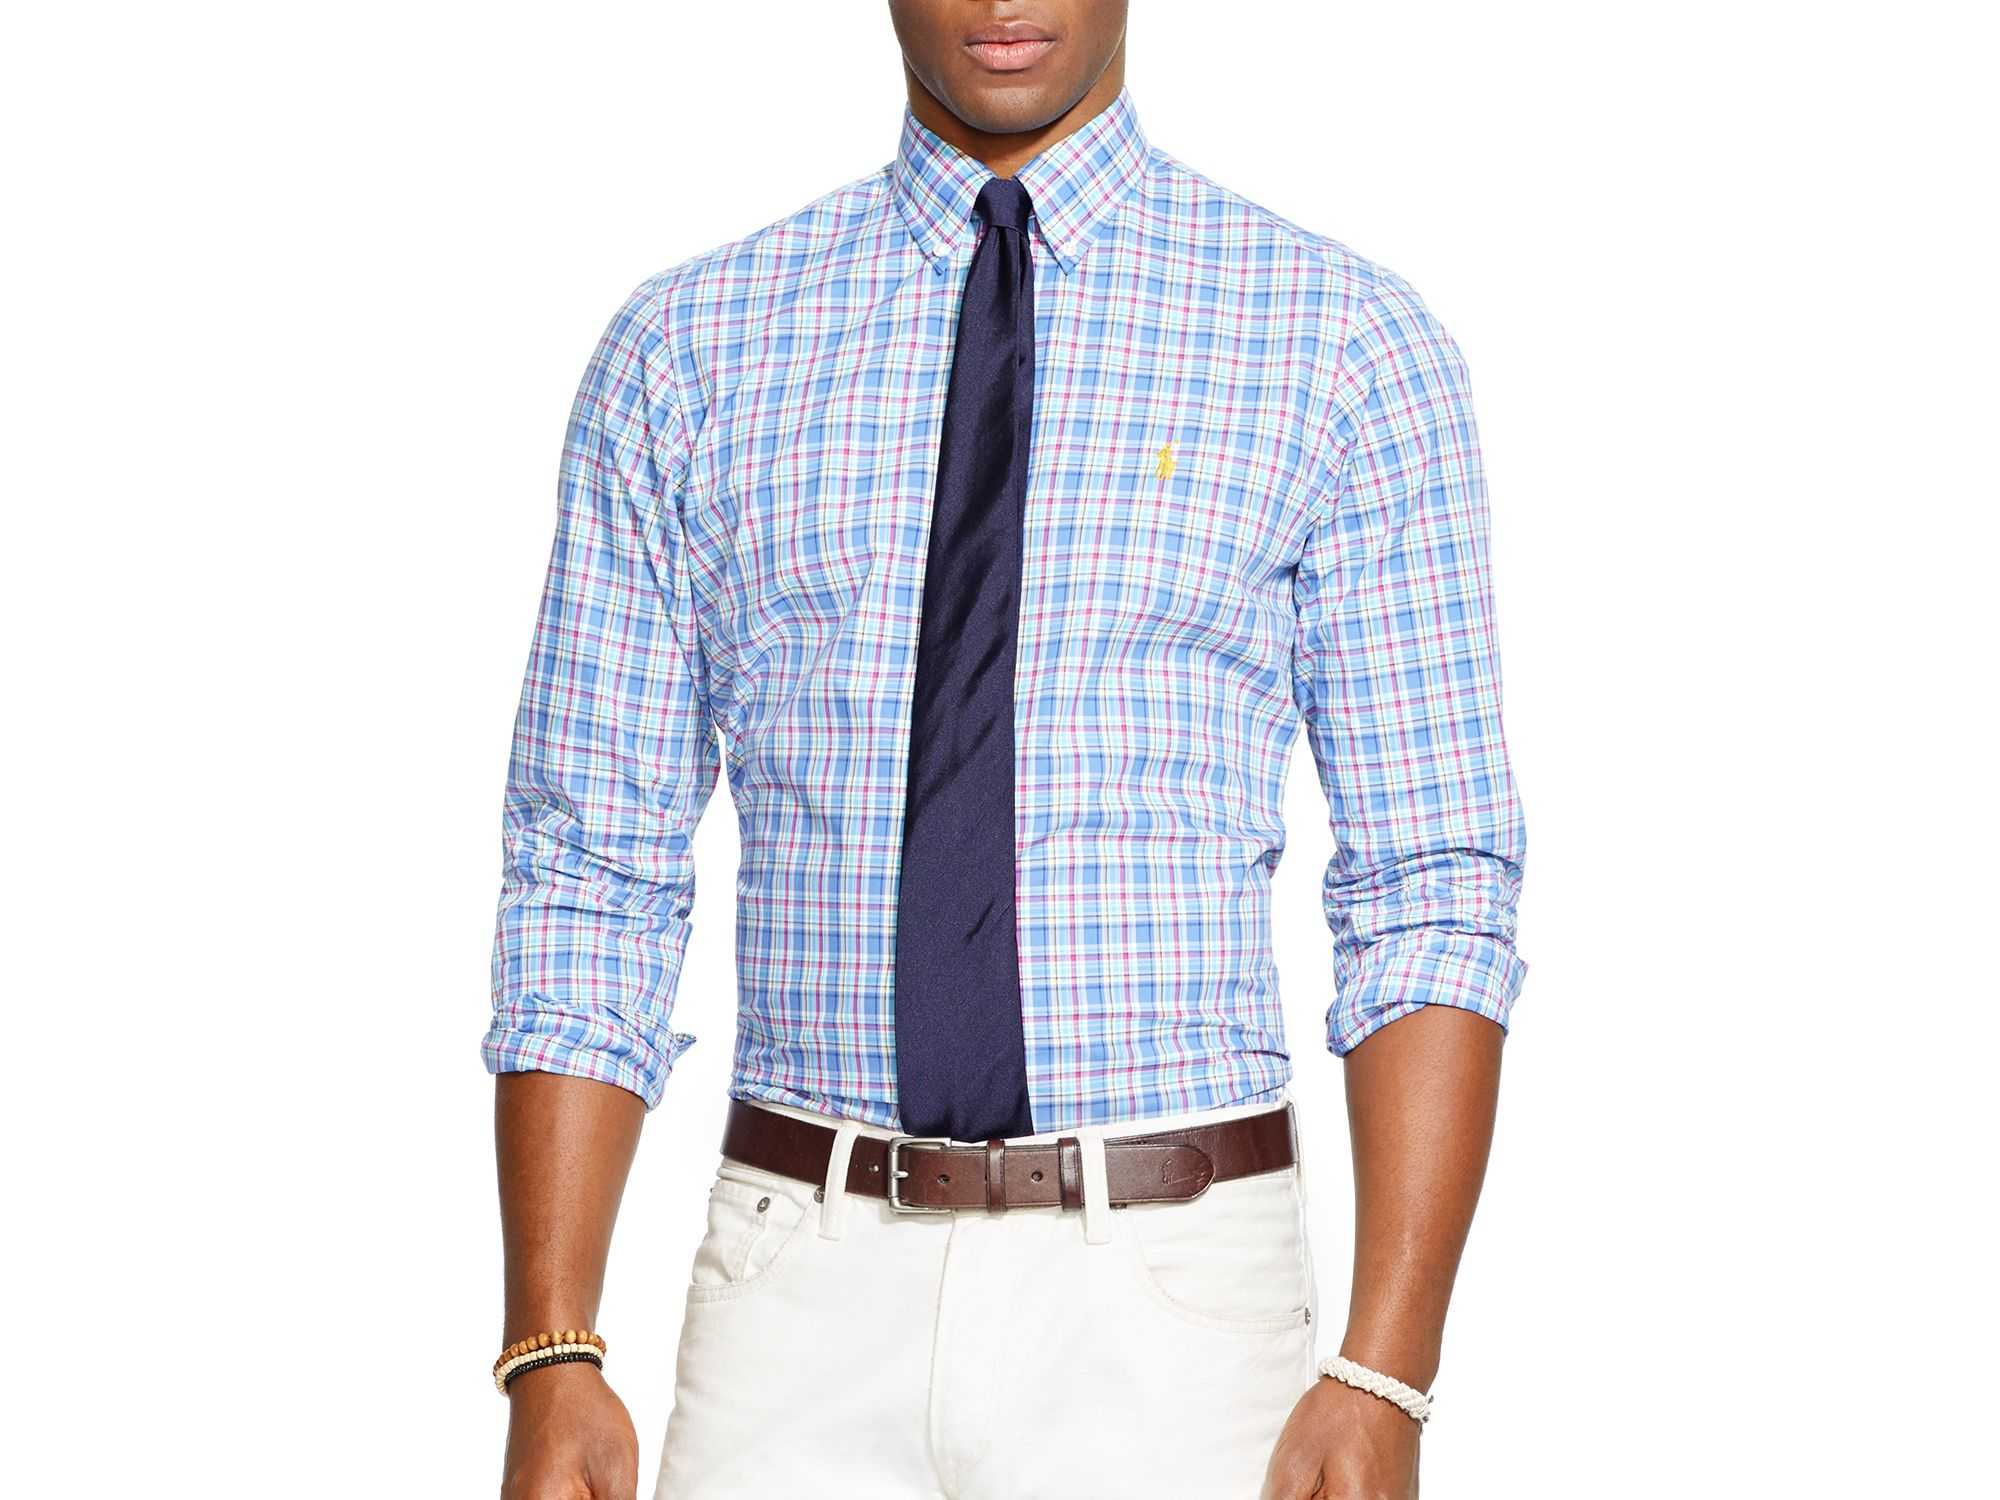 Ralph lauren Polo Plaid Poplin Button Down Shirt - Regular Fit in ...